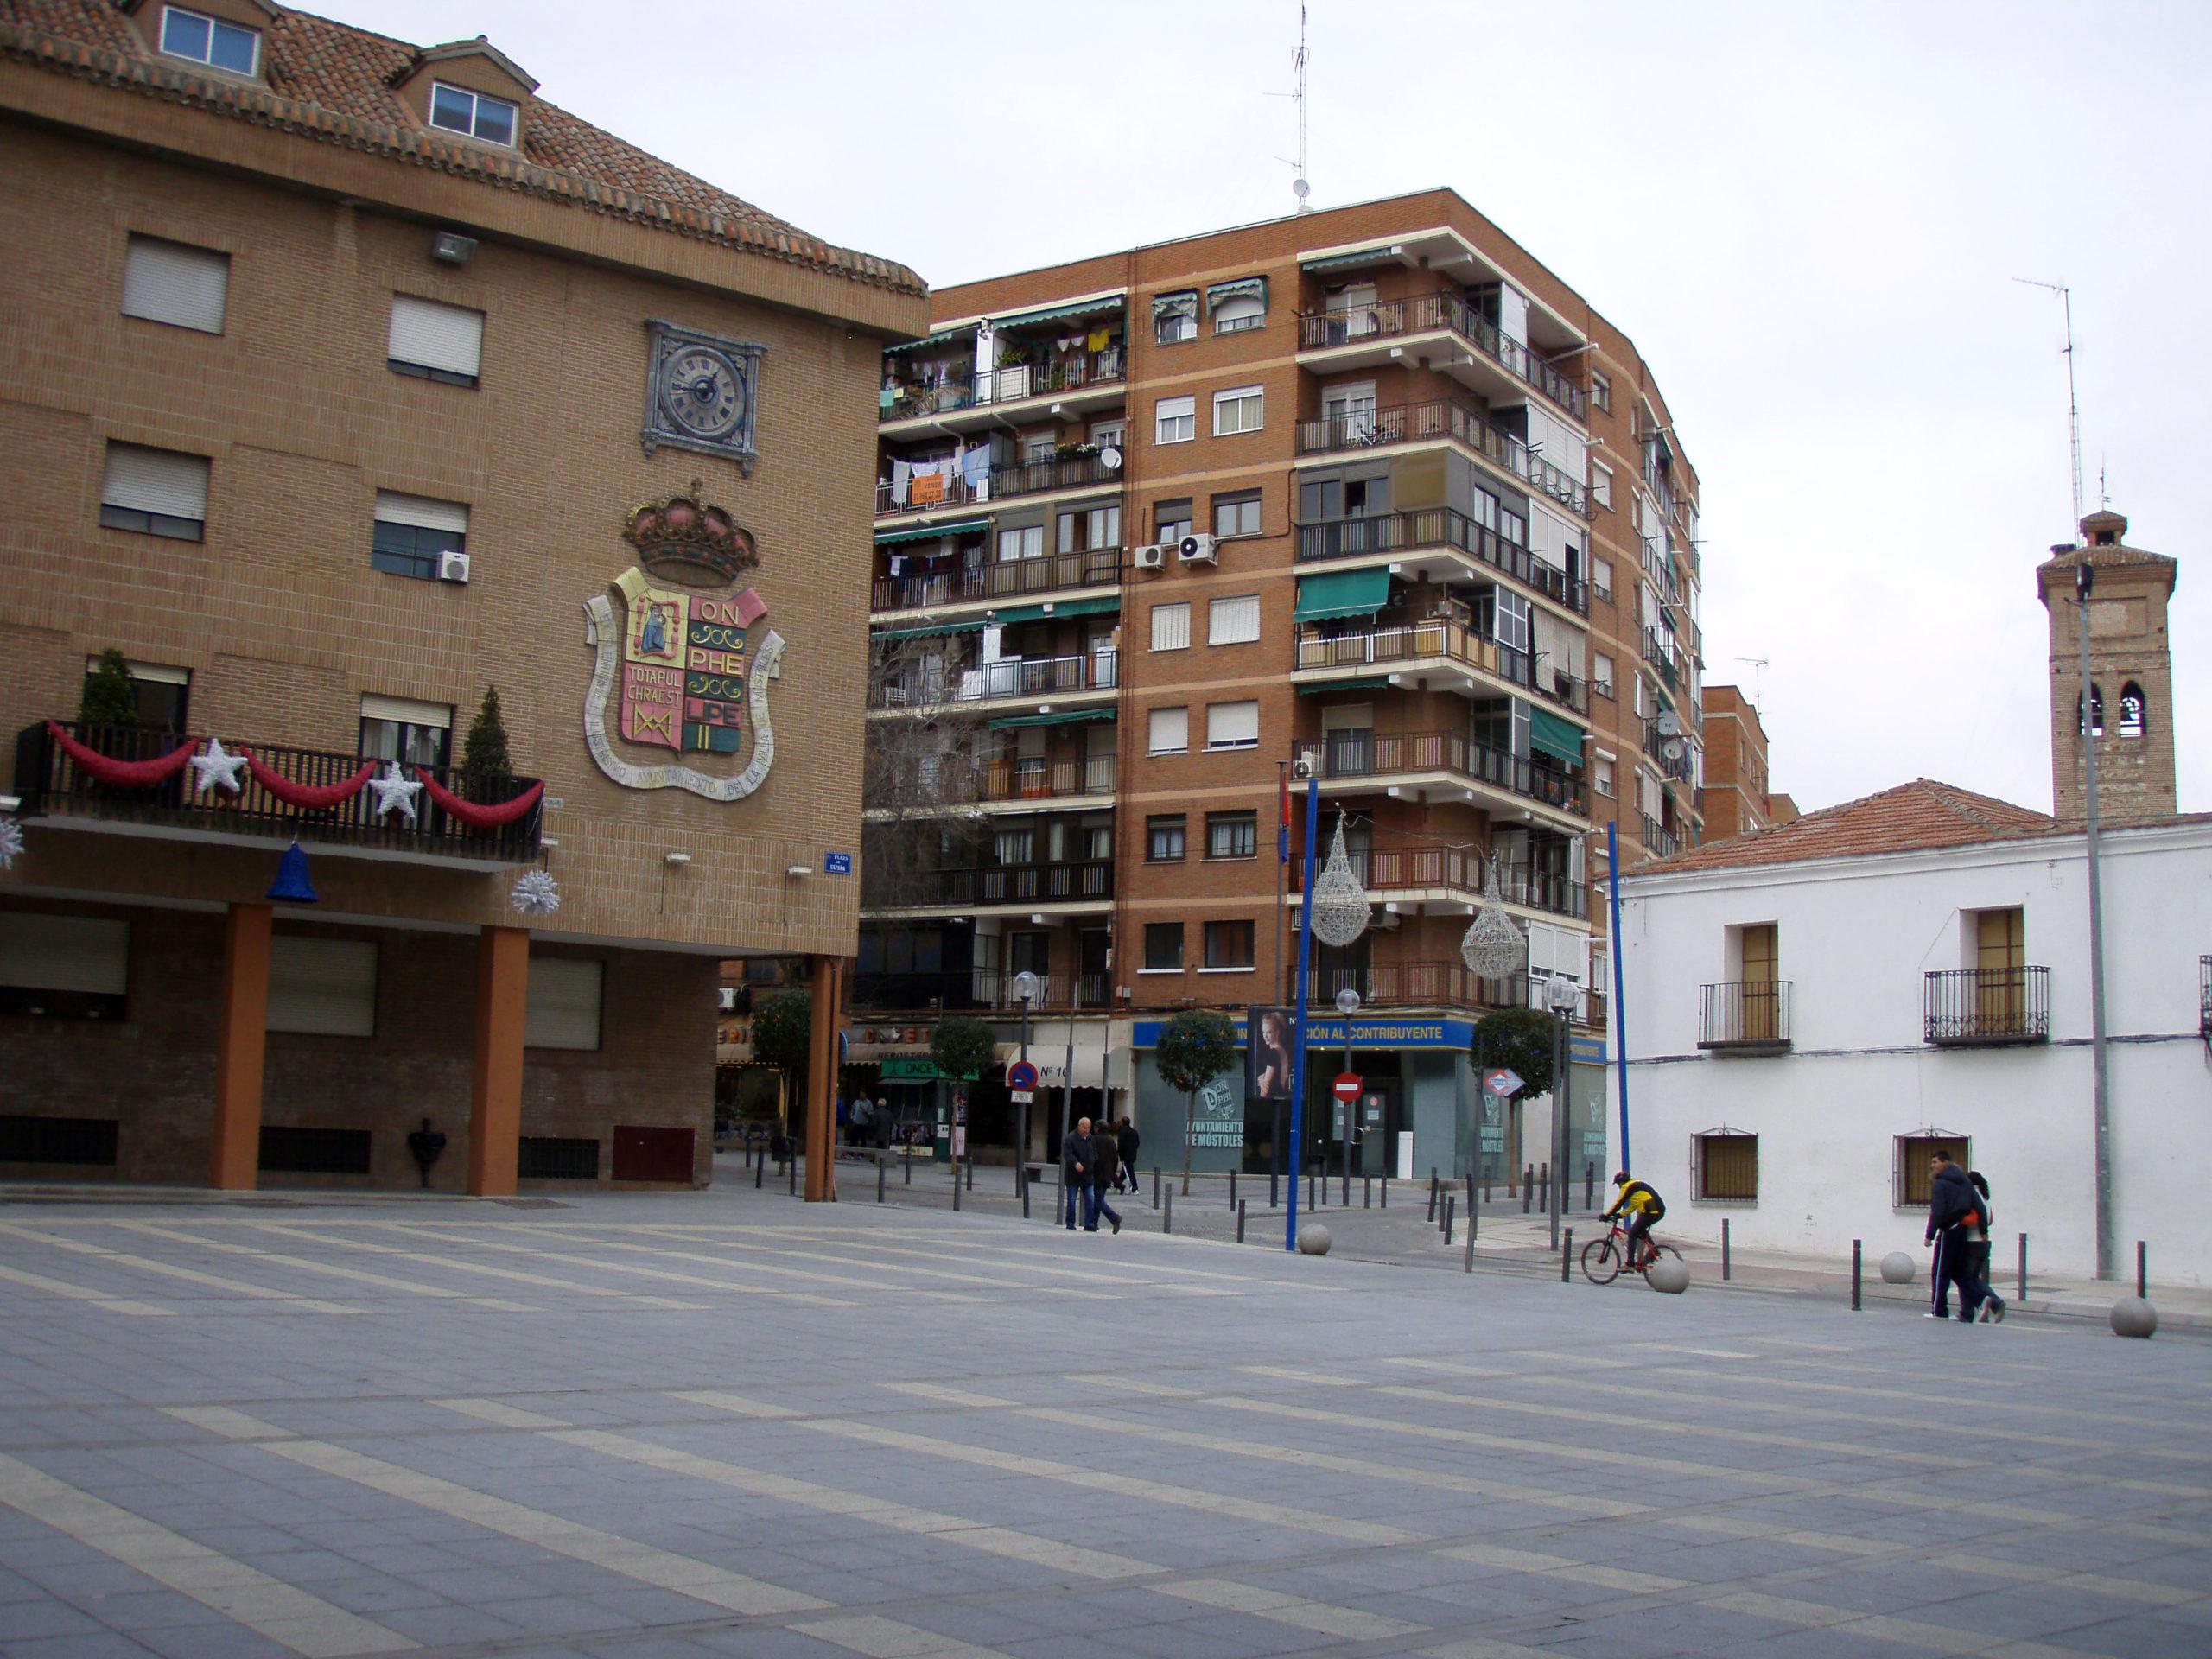 Tiendas de calderas en Mostoles